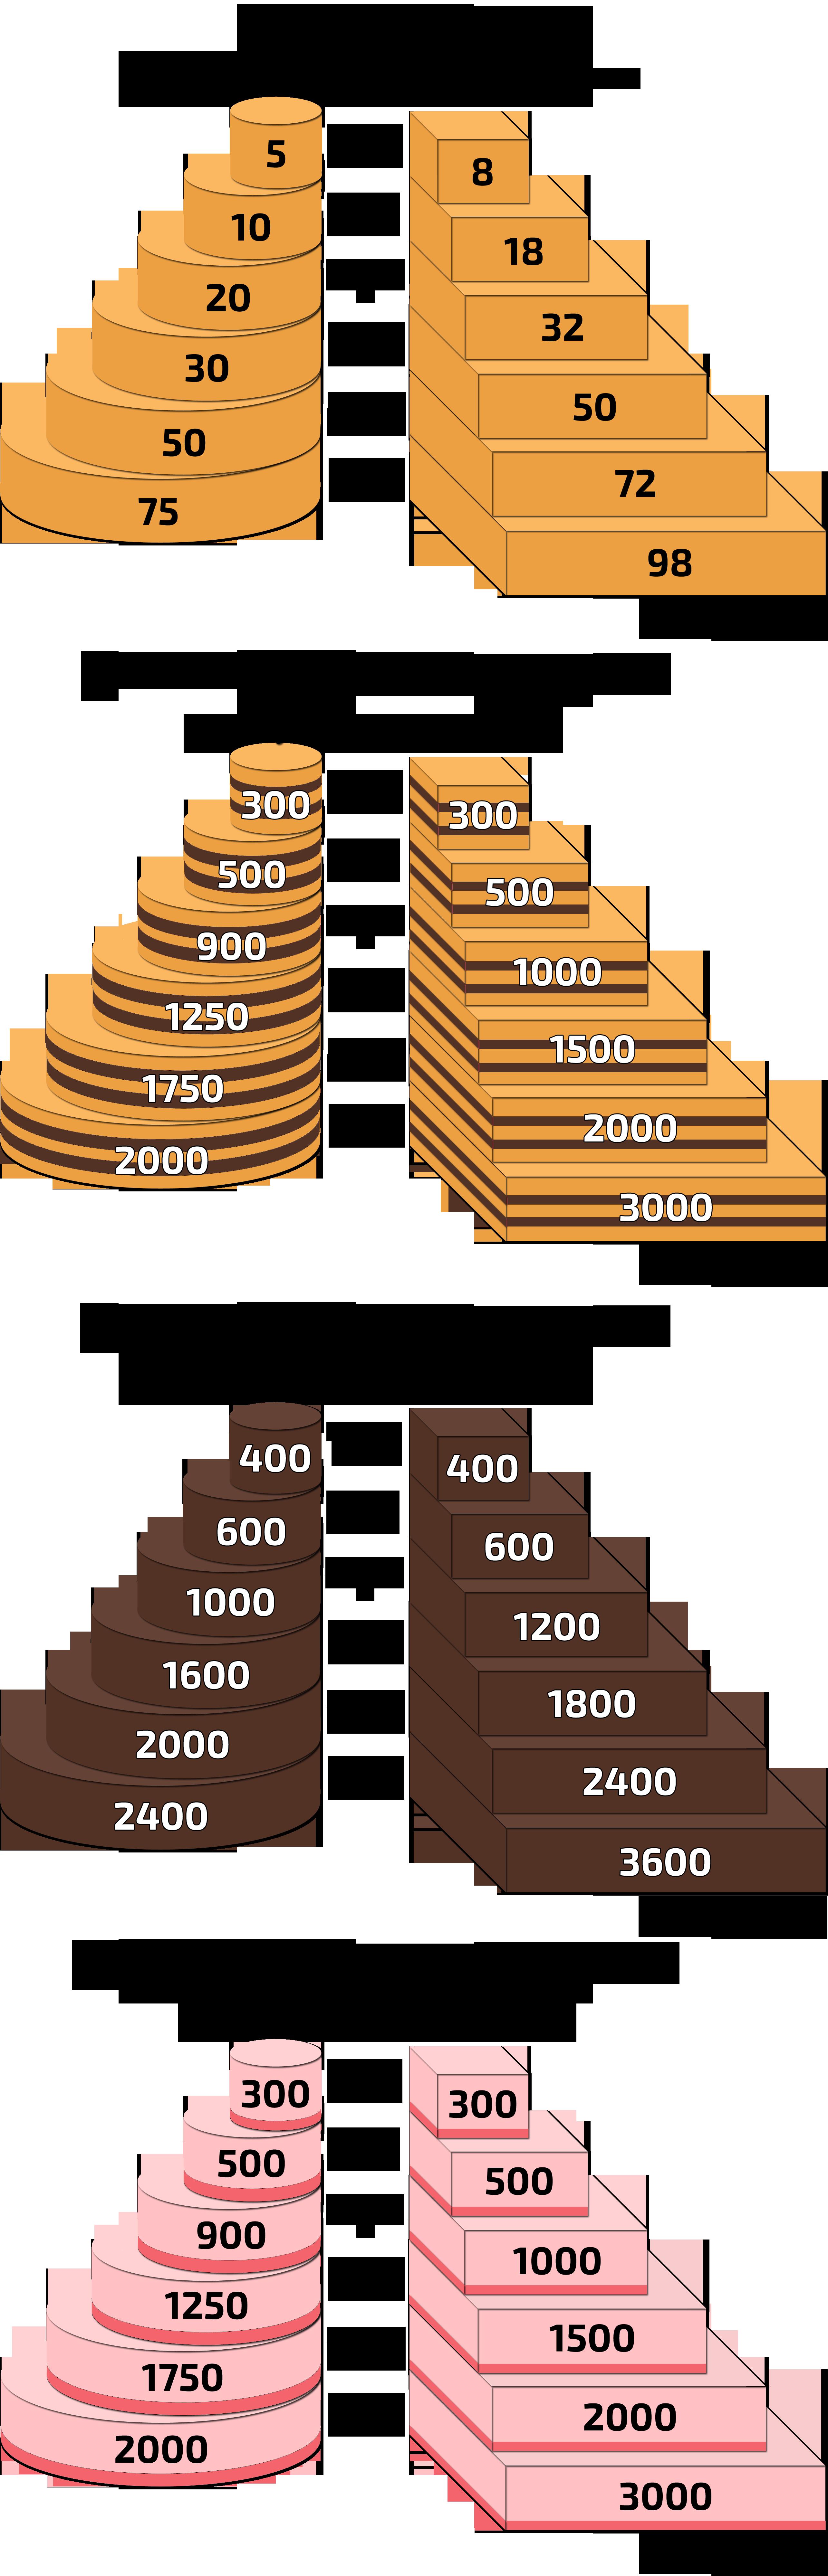 Le Guide Des Quantites En Cake Design Conseils Pour Decoration Gateaux Parts De Gateaux Deco Patisserie